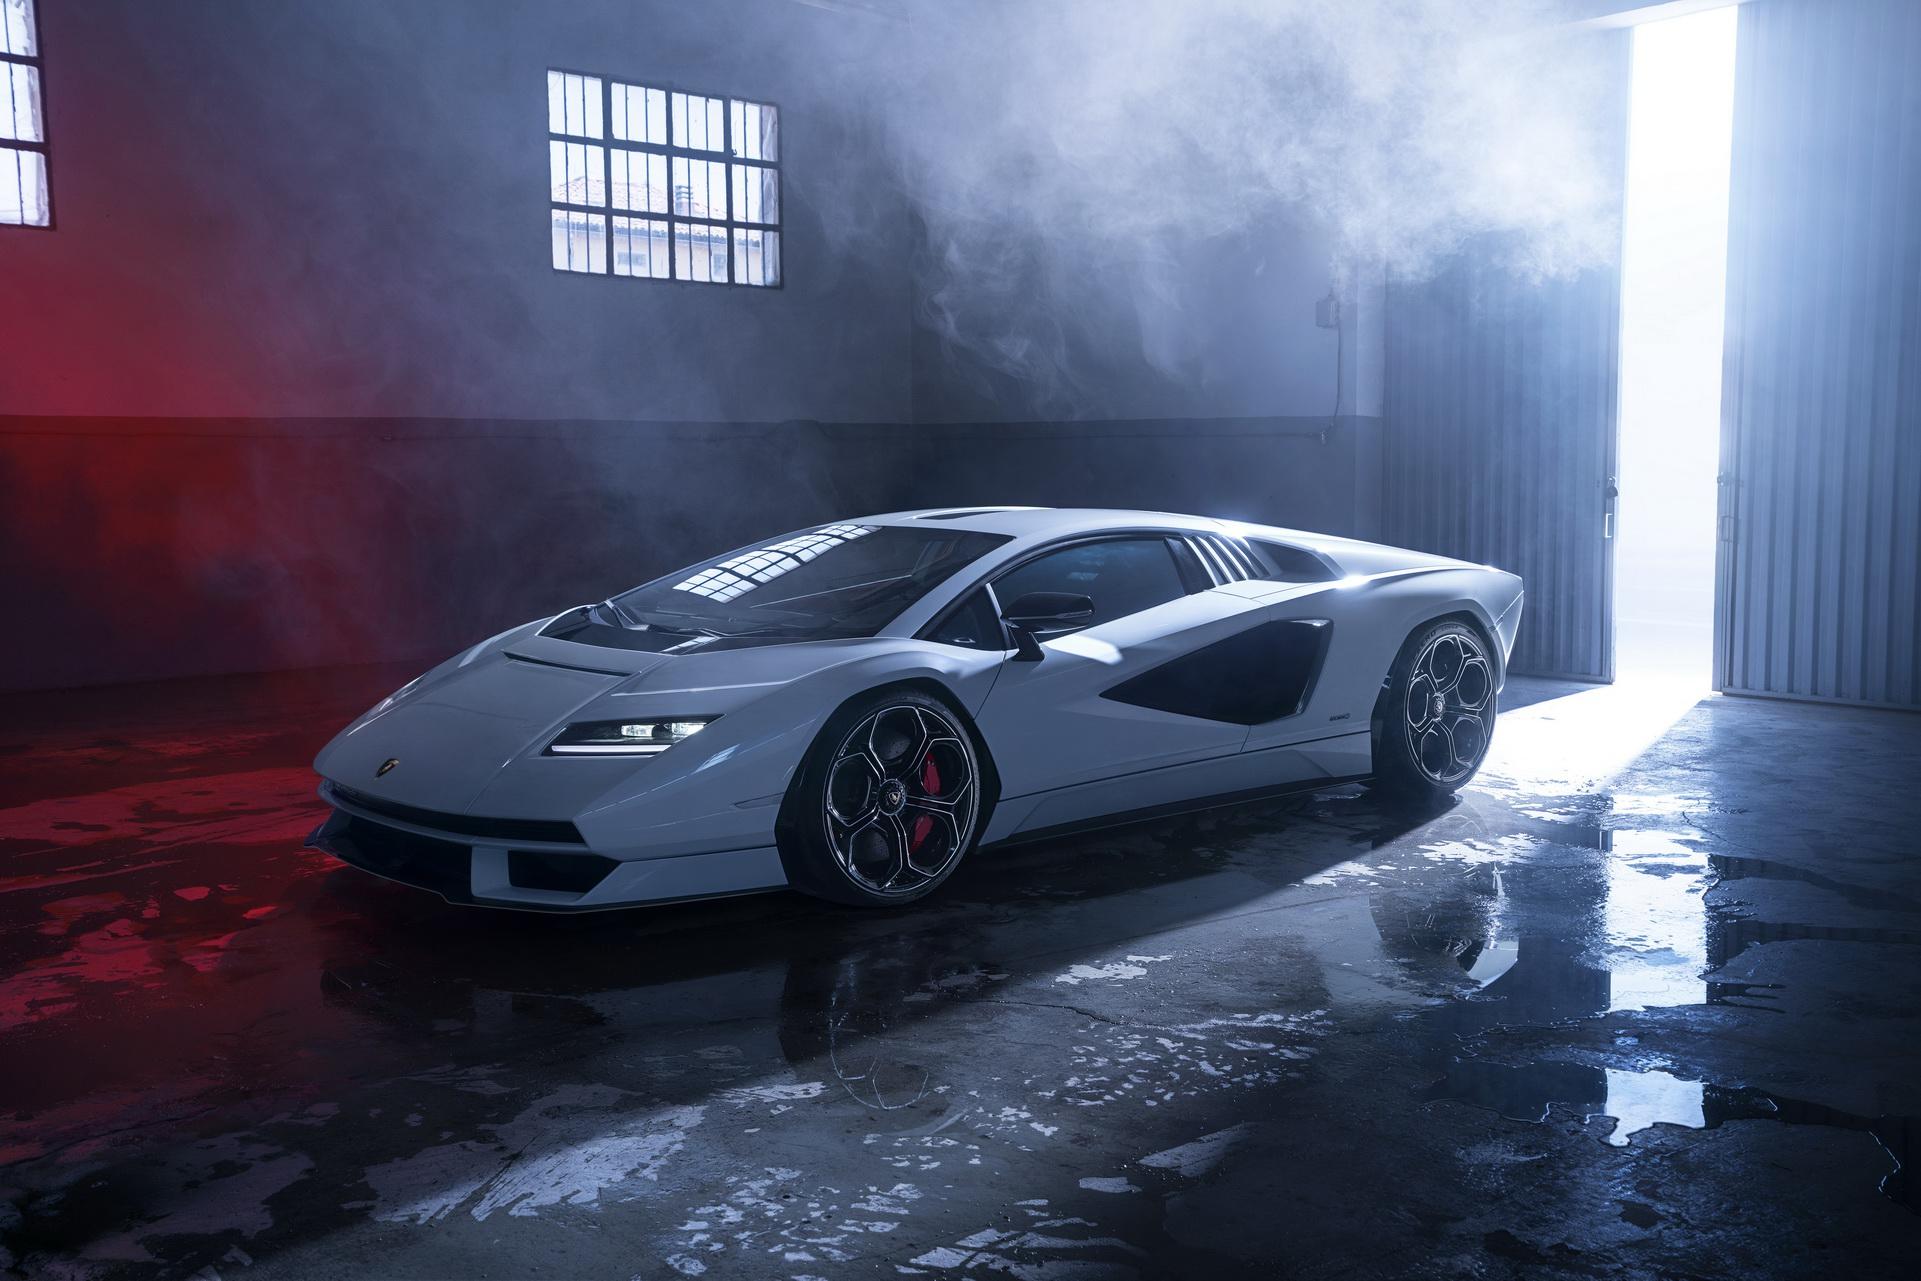 2022 Lamborghini Countach LPI 800-4 Front Three-Quarter Wallpapers (10)